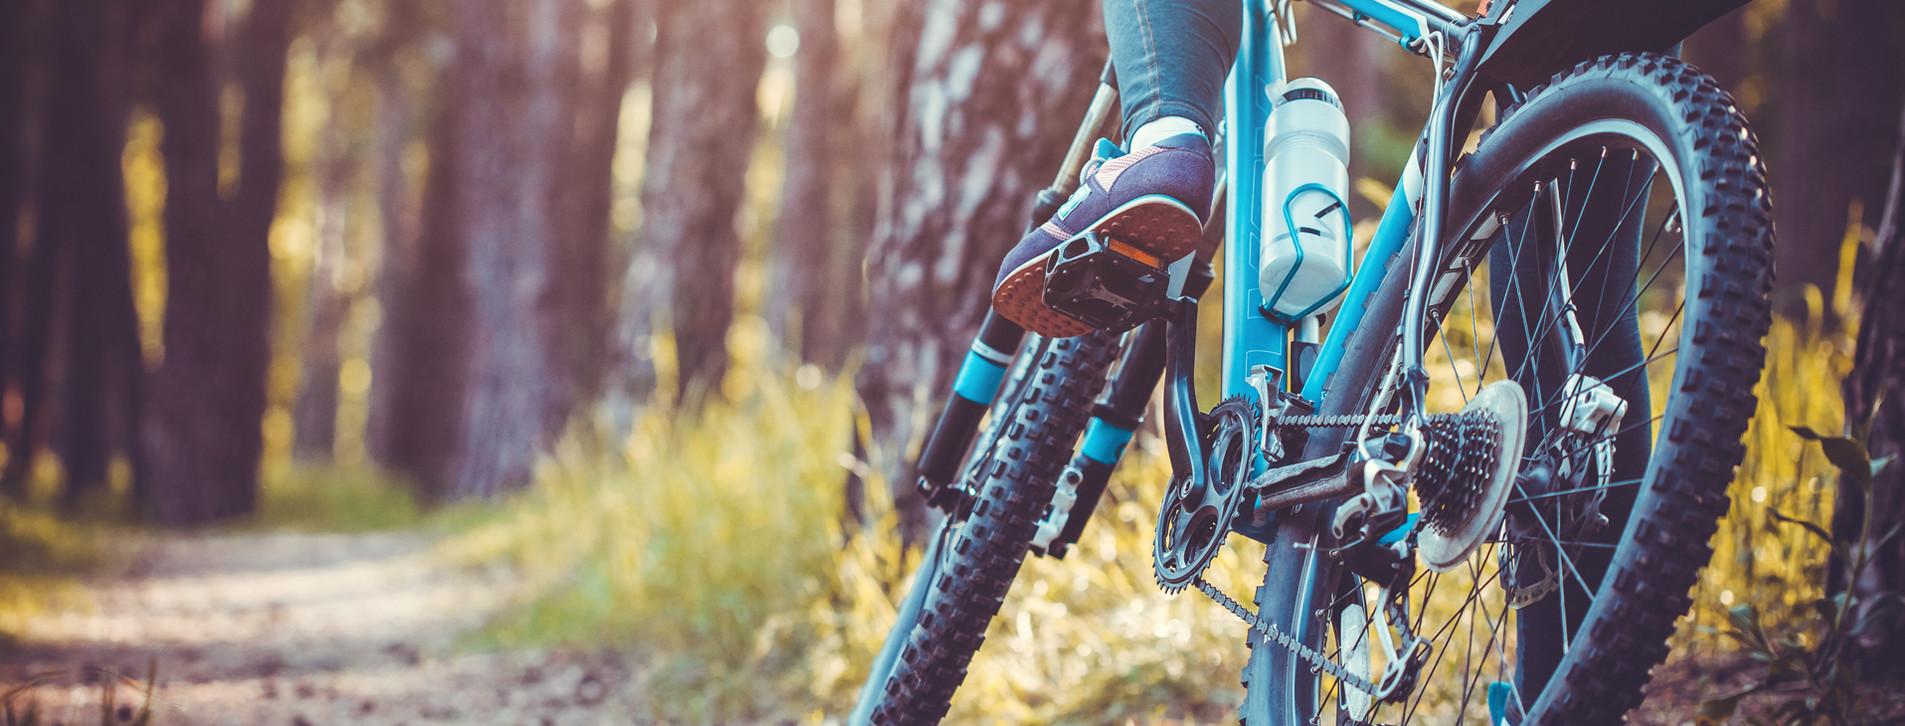 Fotoğraf - İki kişi için Orman Bisiklet Turu